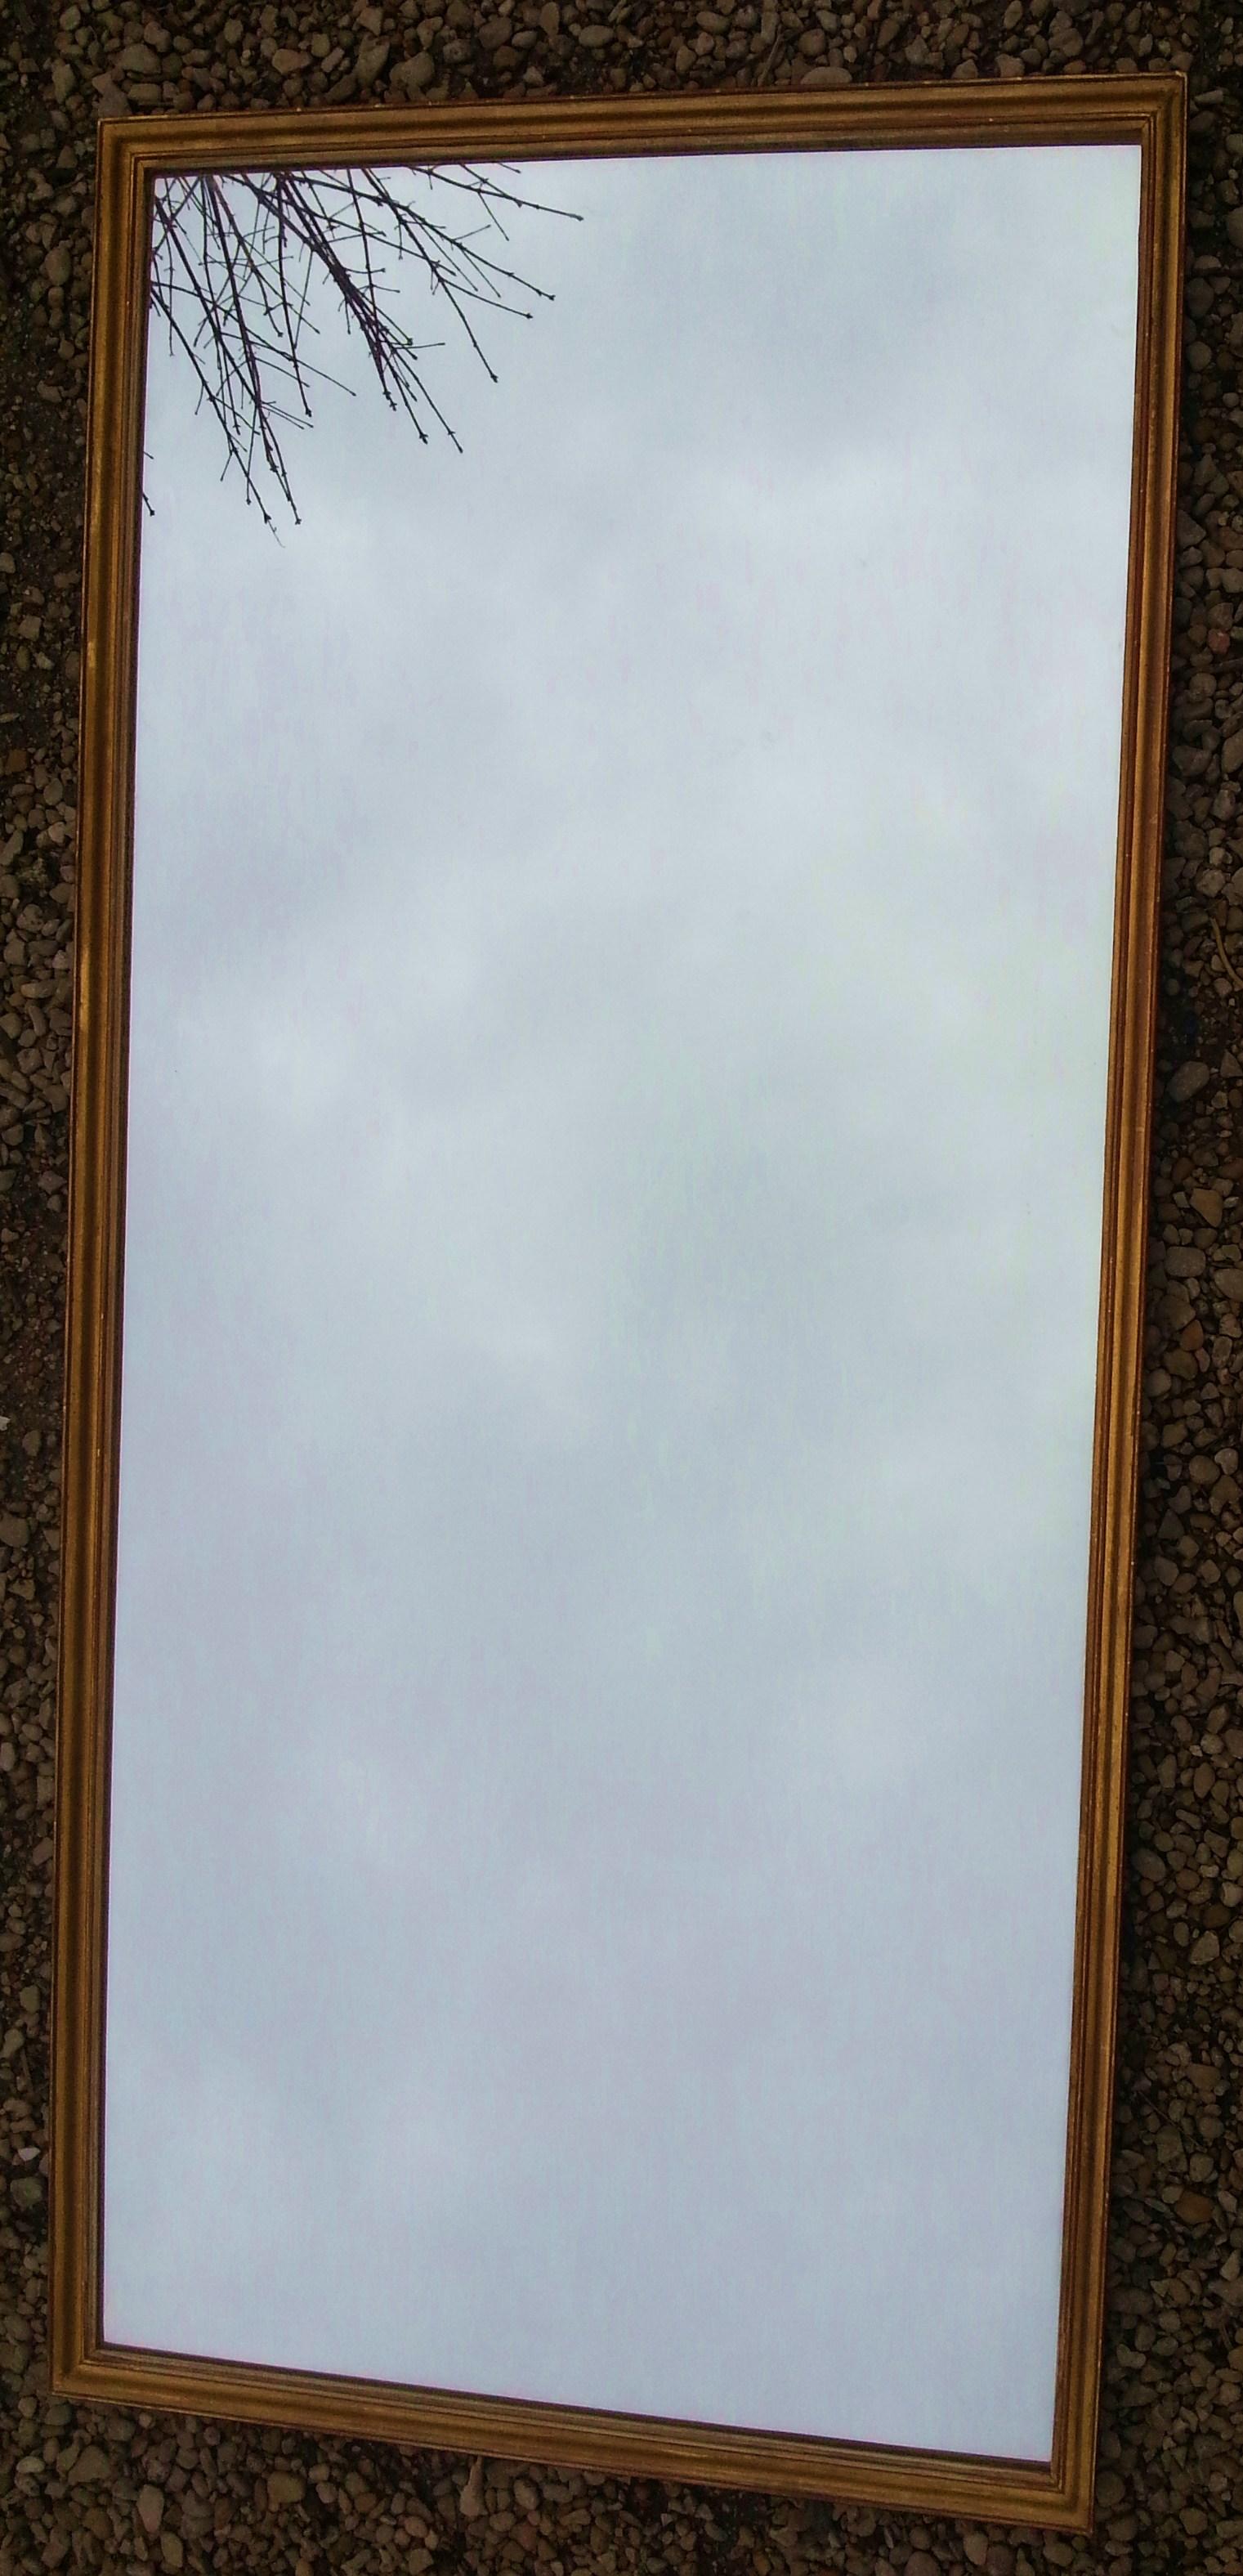 Grand miroir en bois moulur et dor magasin pierre brost for Grand miroir encadrement bois